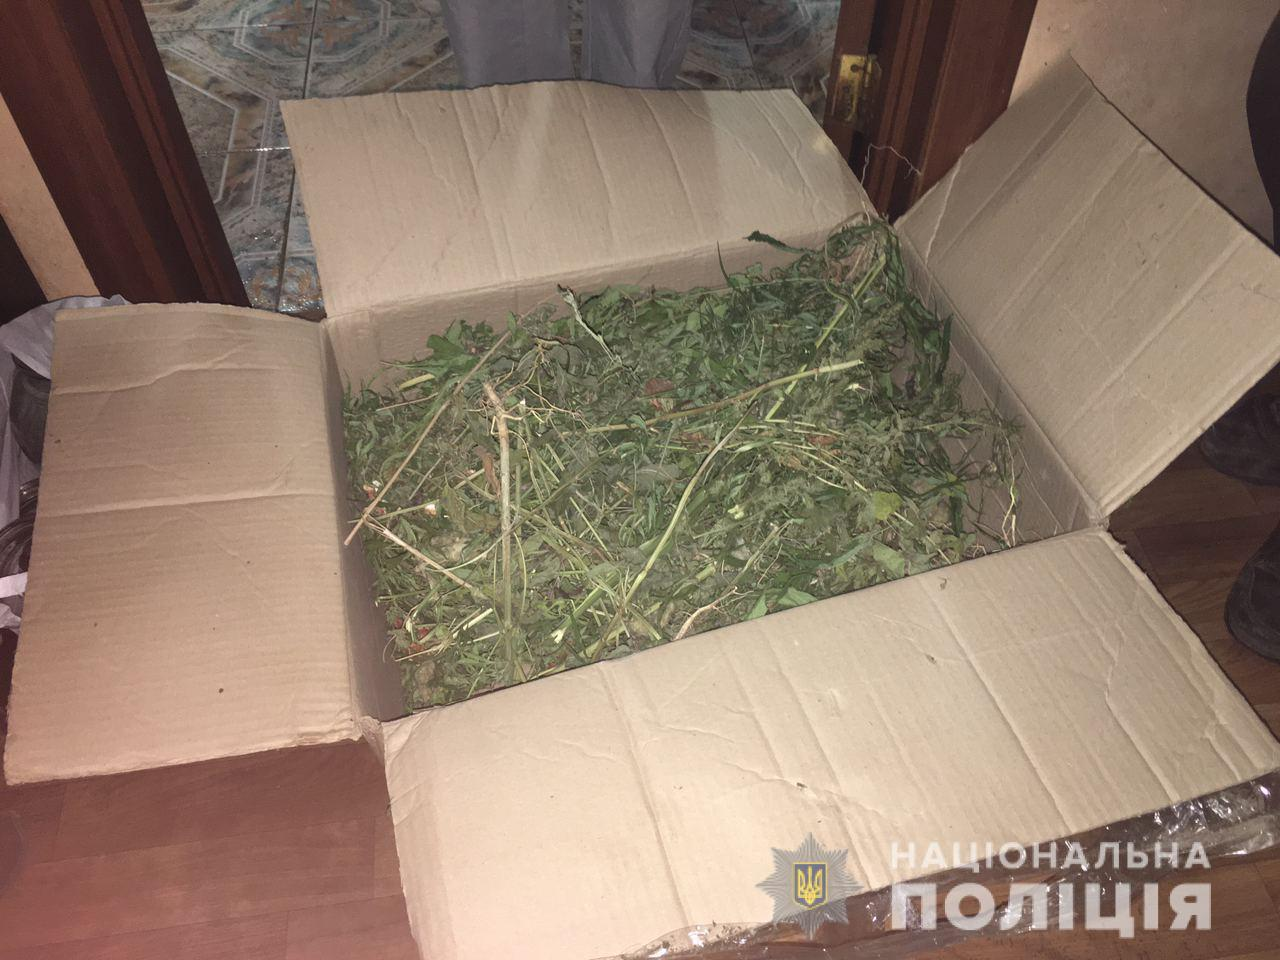 Житель Харьковщины хранил наркотики на чердаке своего дома